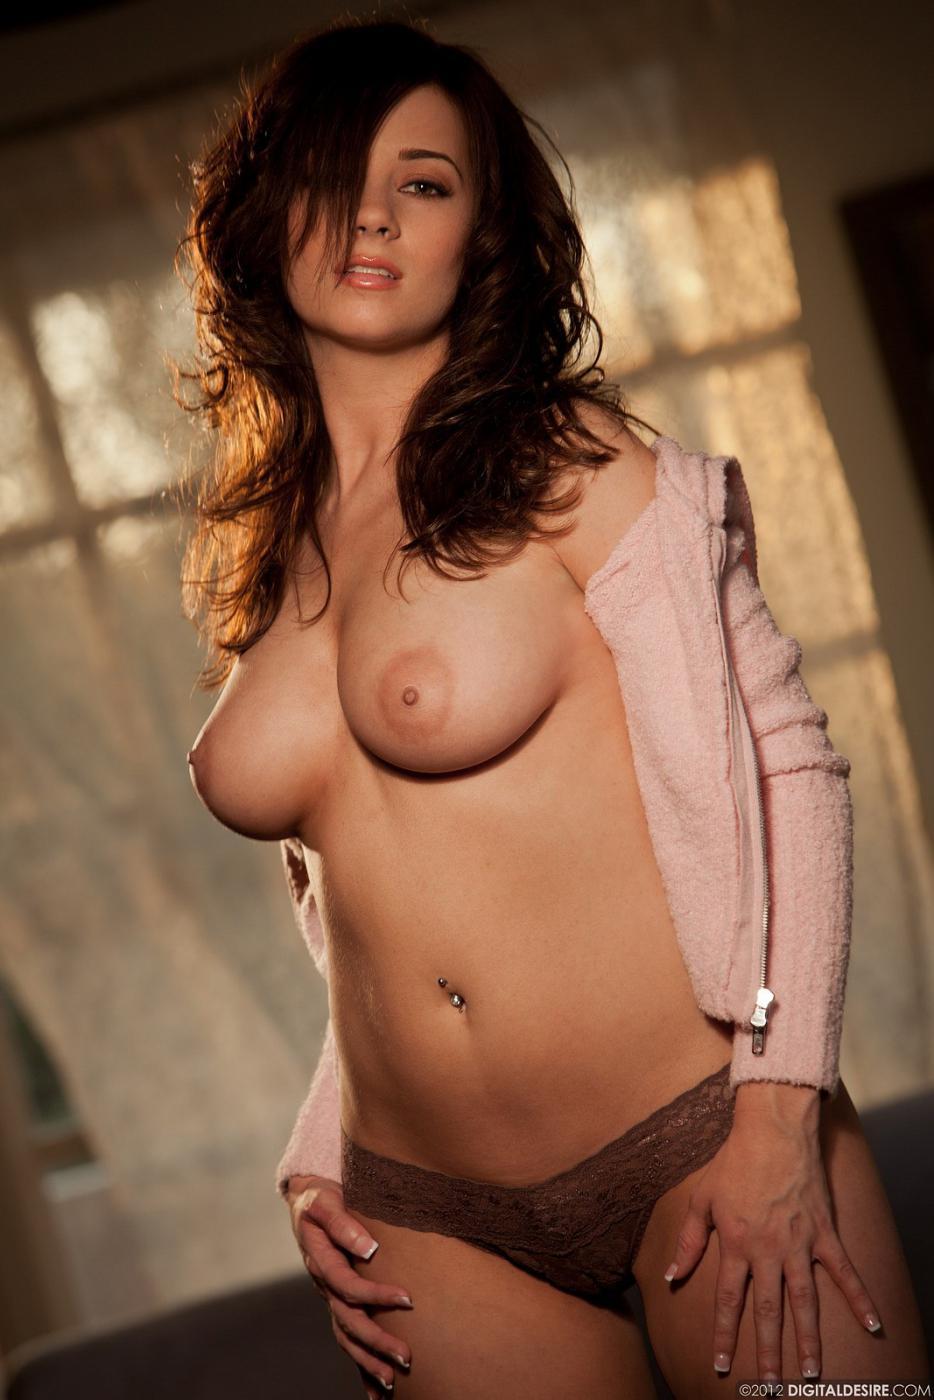 Сексуальная брюнеточка Taylor Vixen в тугих бикини показала свои великолепные большие натуральные титьки